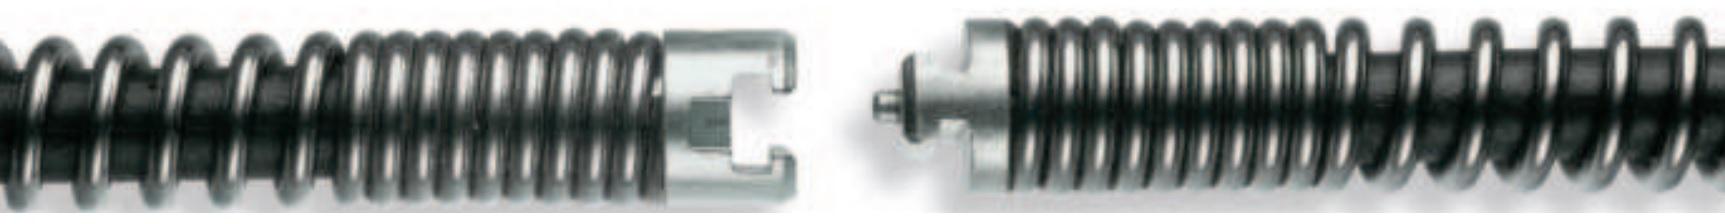 Spirale mit Seele (Kern) 16 - 32 mm, bis 4,5 m Länge, mit Nut-Stift-Kupplung